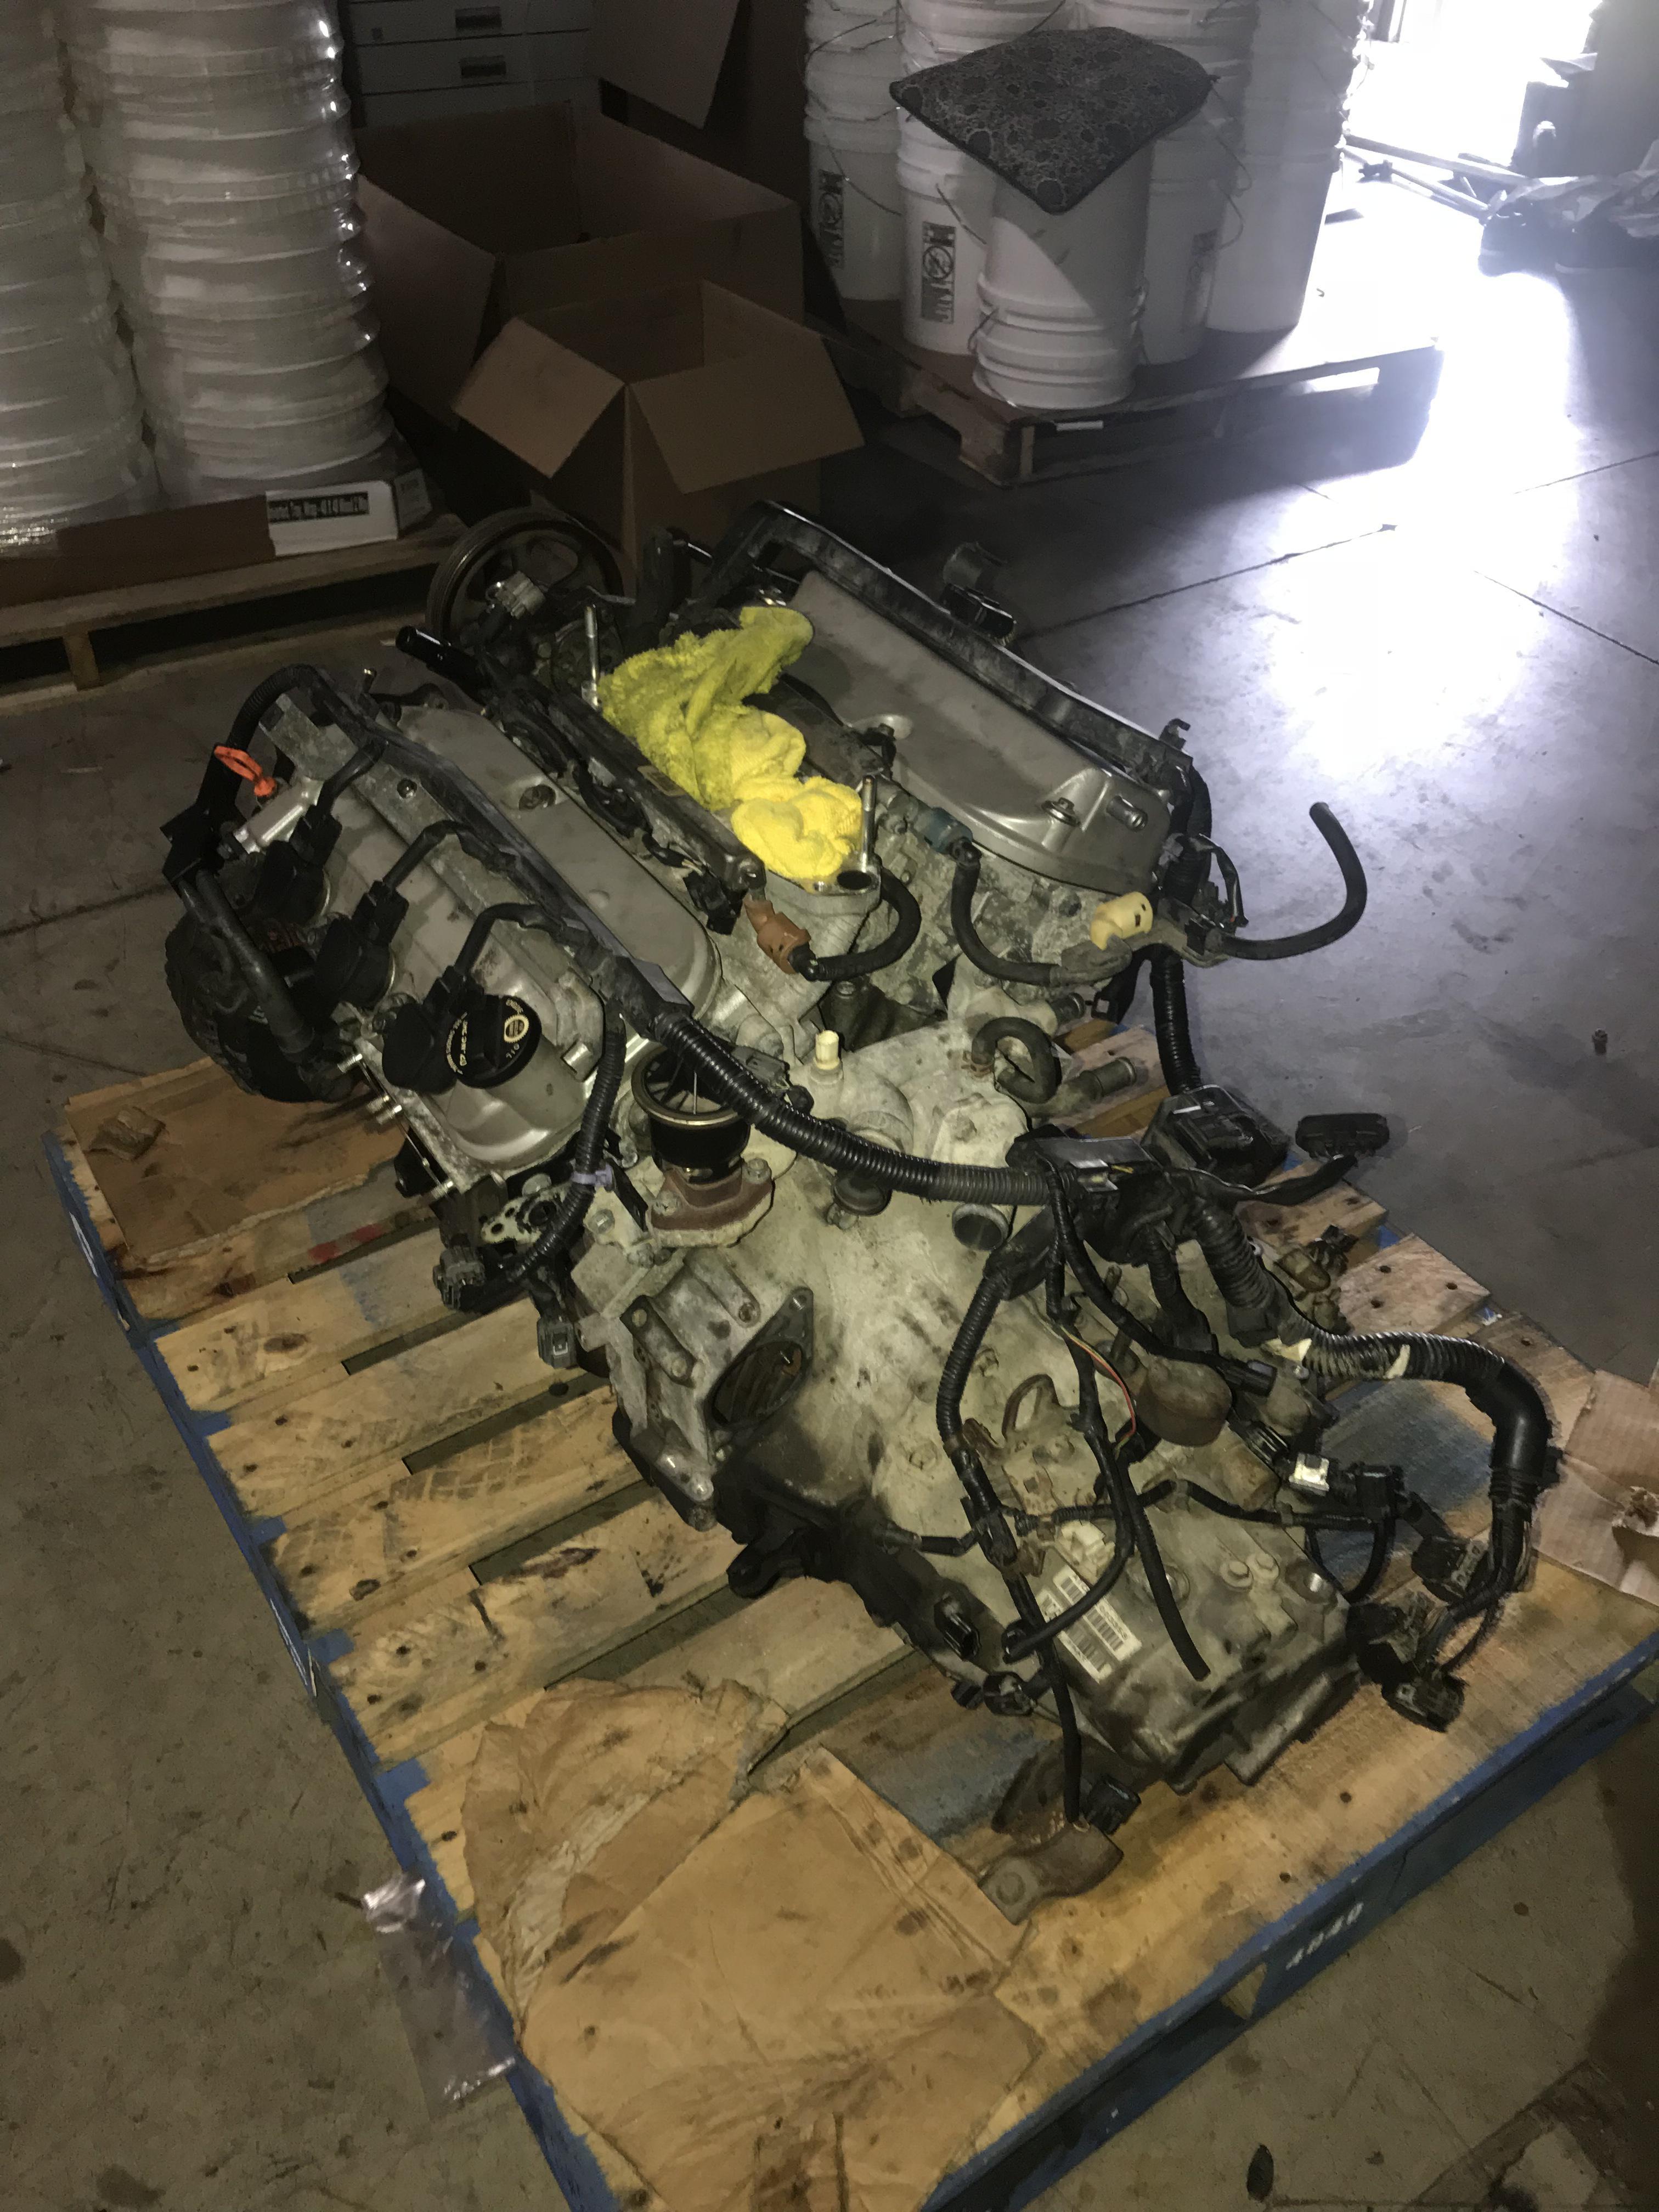 3.2 TL motor swapped success-5b8882d6-6d7e-47c9-81ff-a1c3513be7af_1529000288276.jpeg